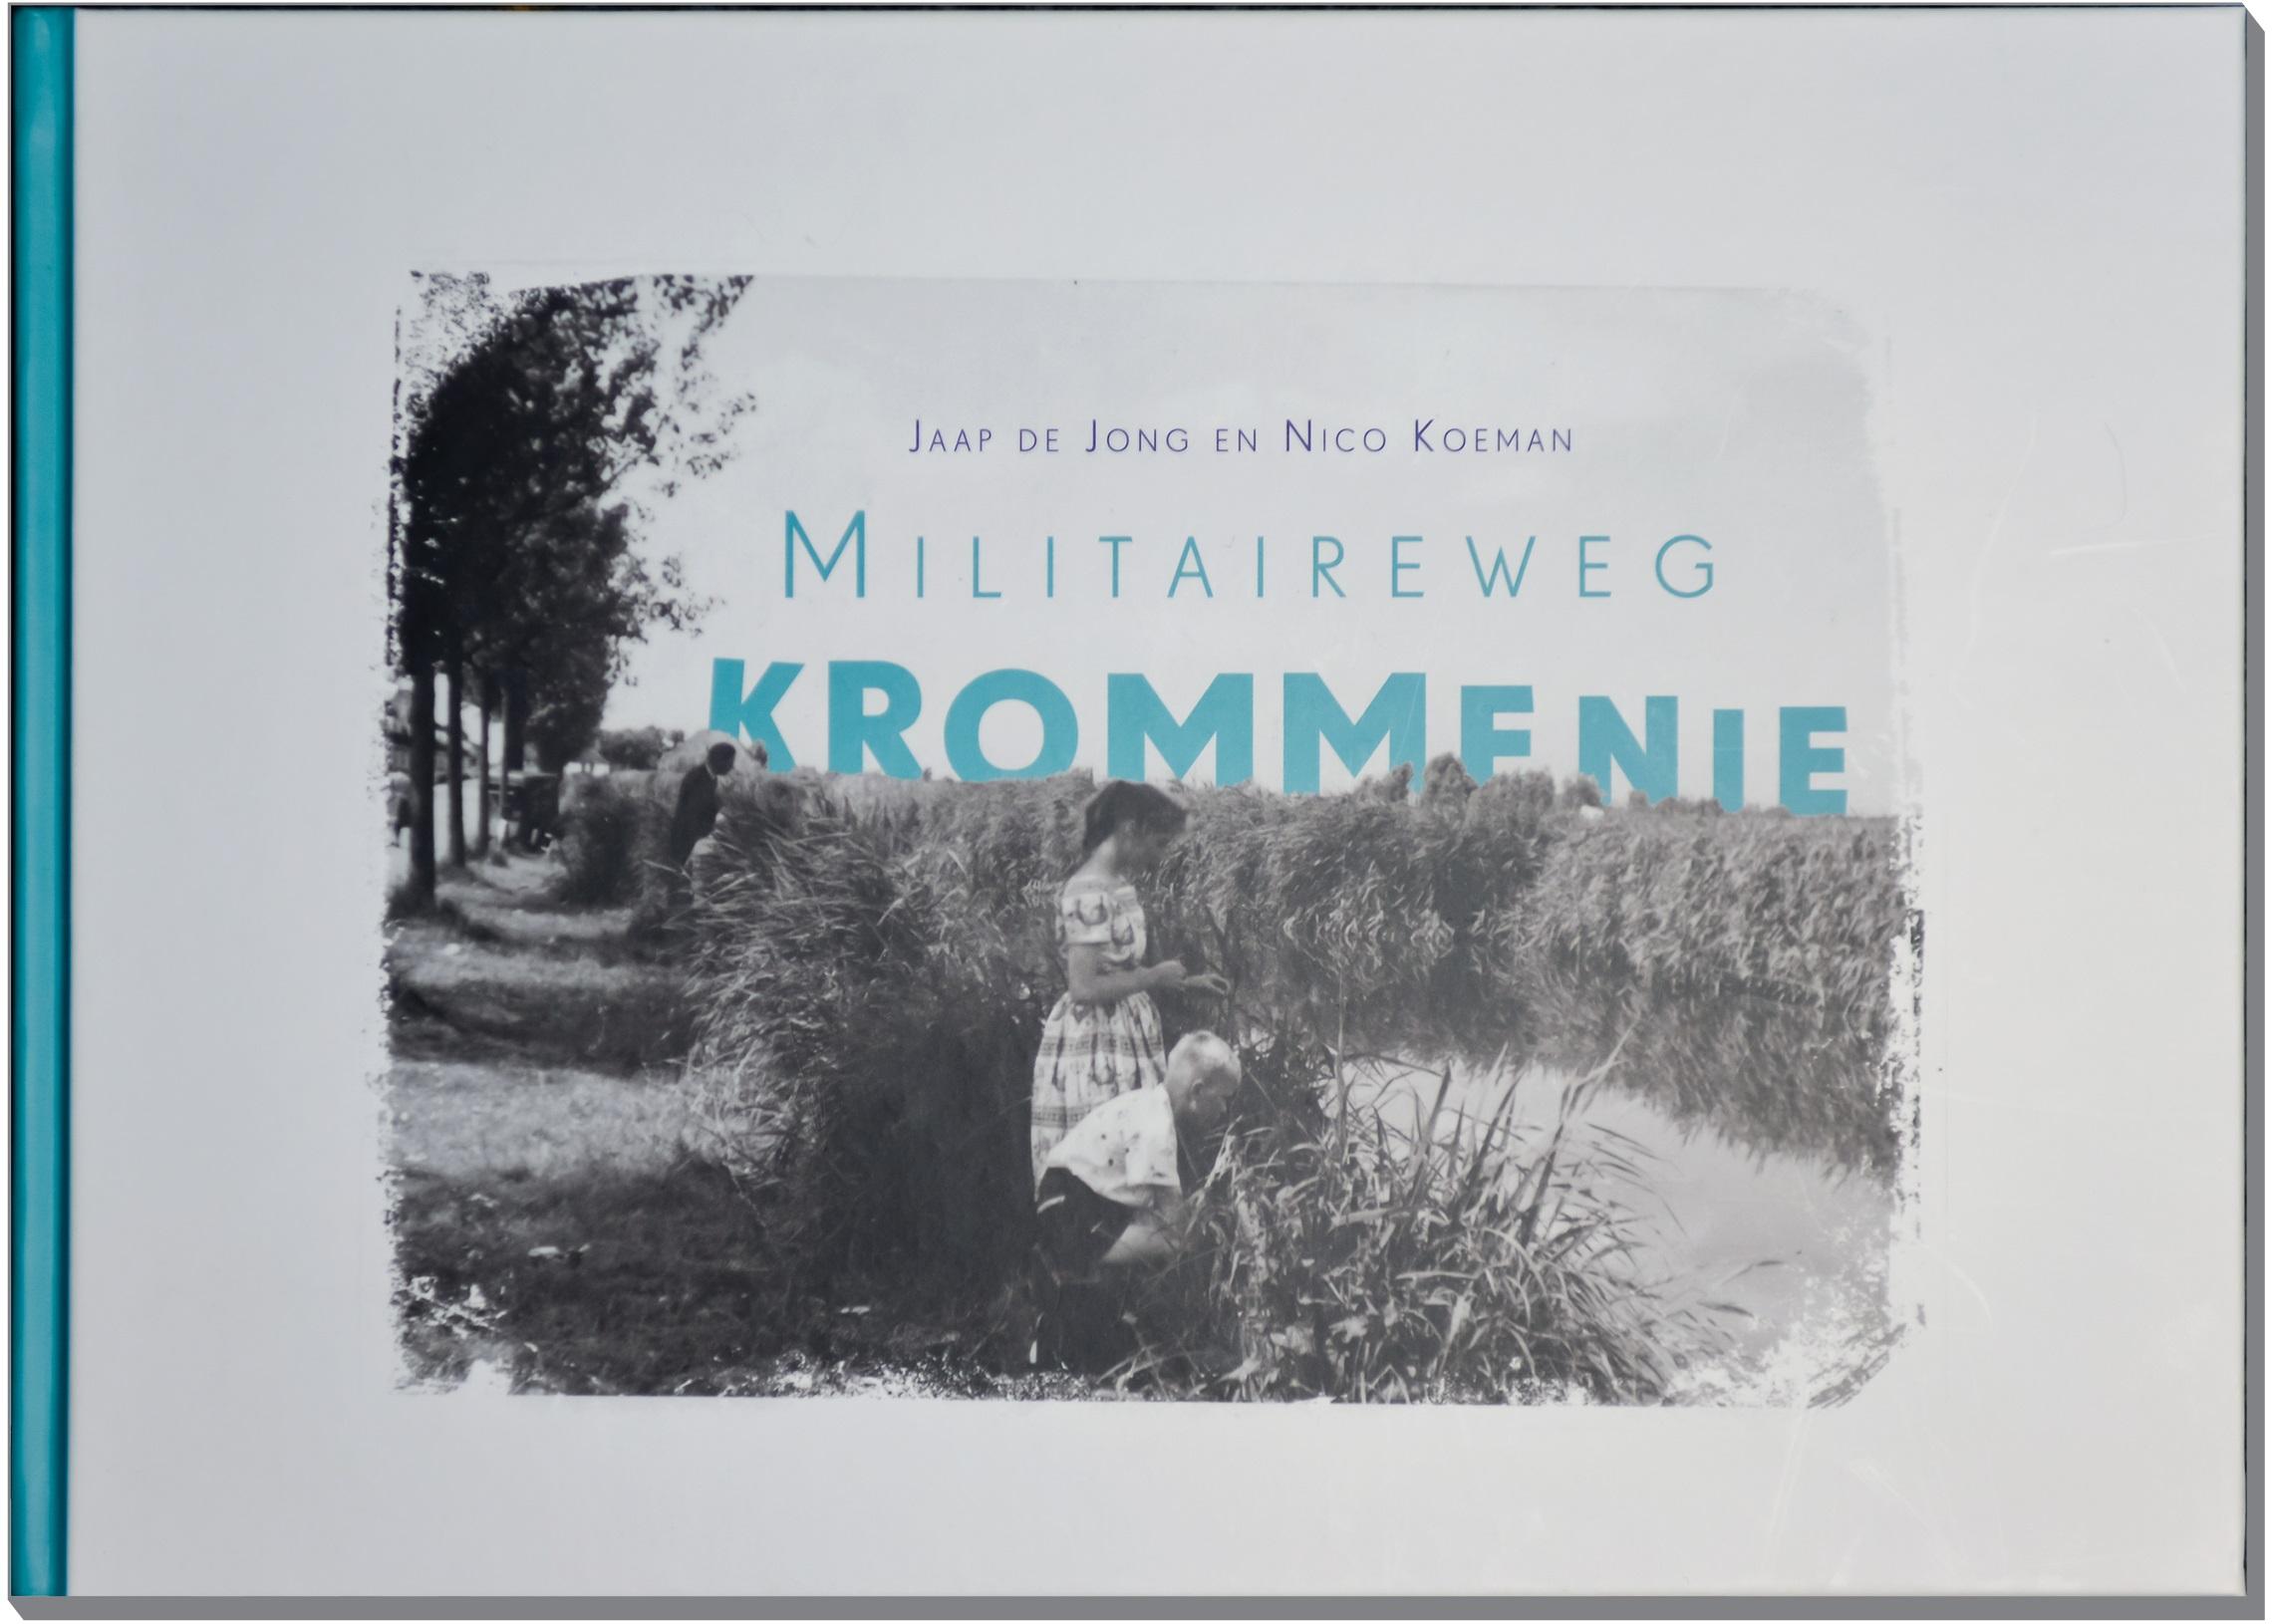 Militaireweg Krommenie